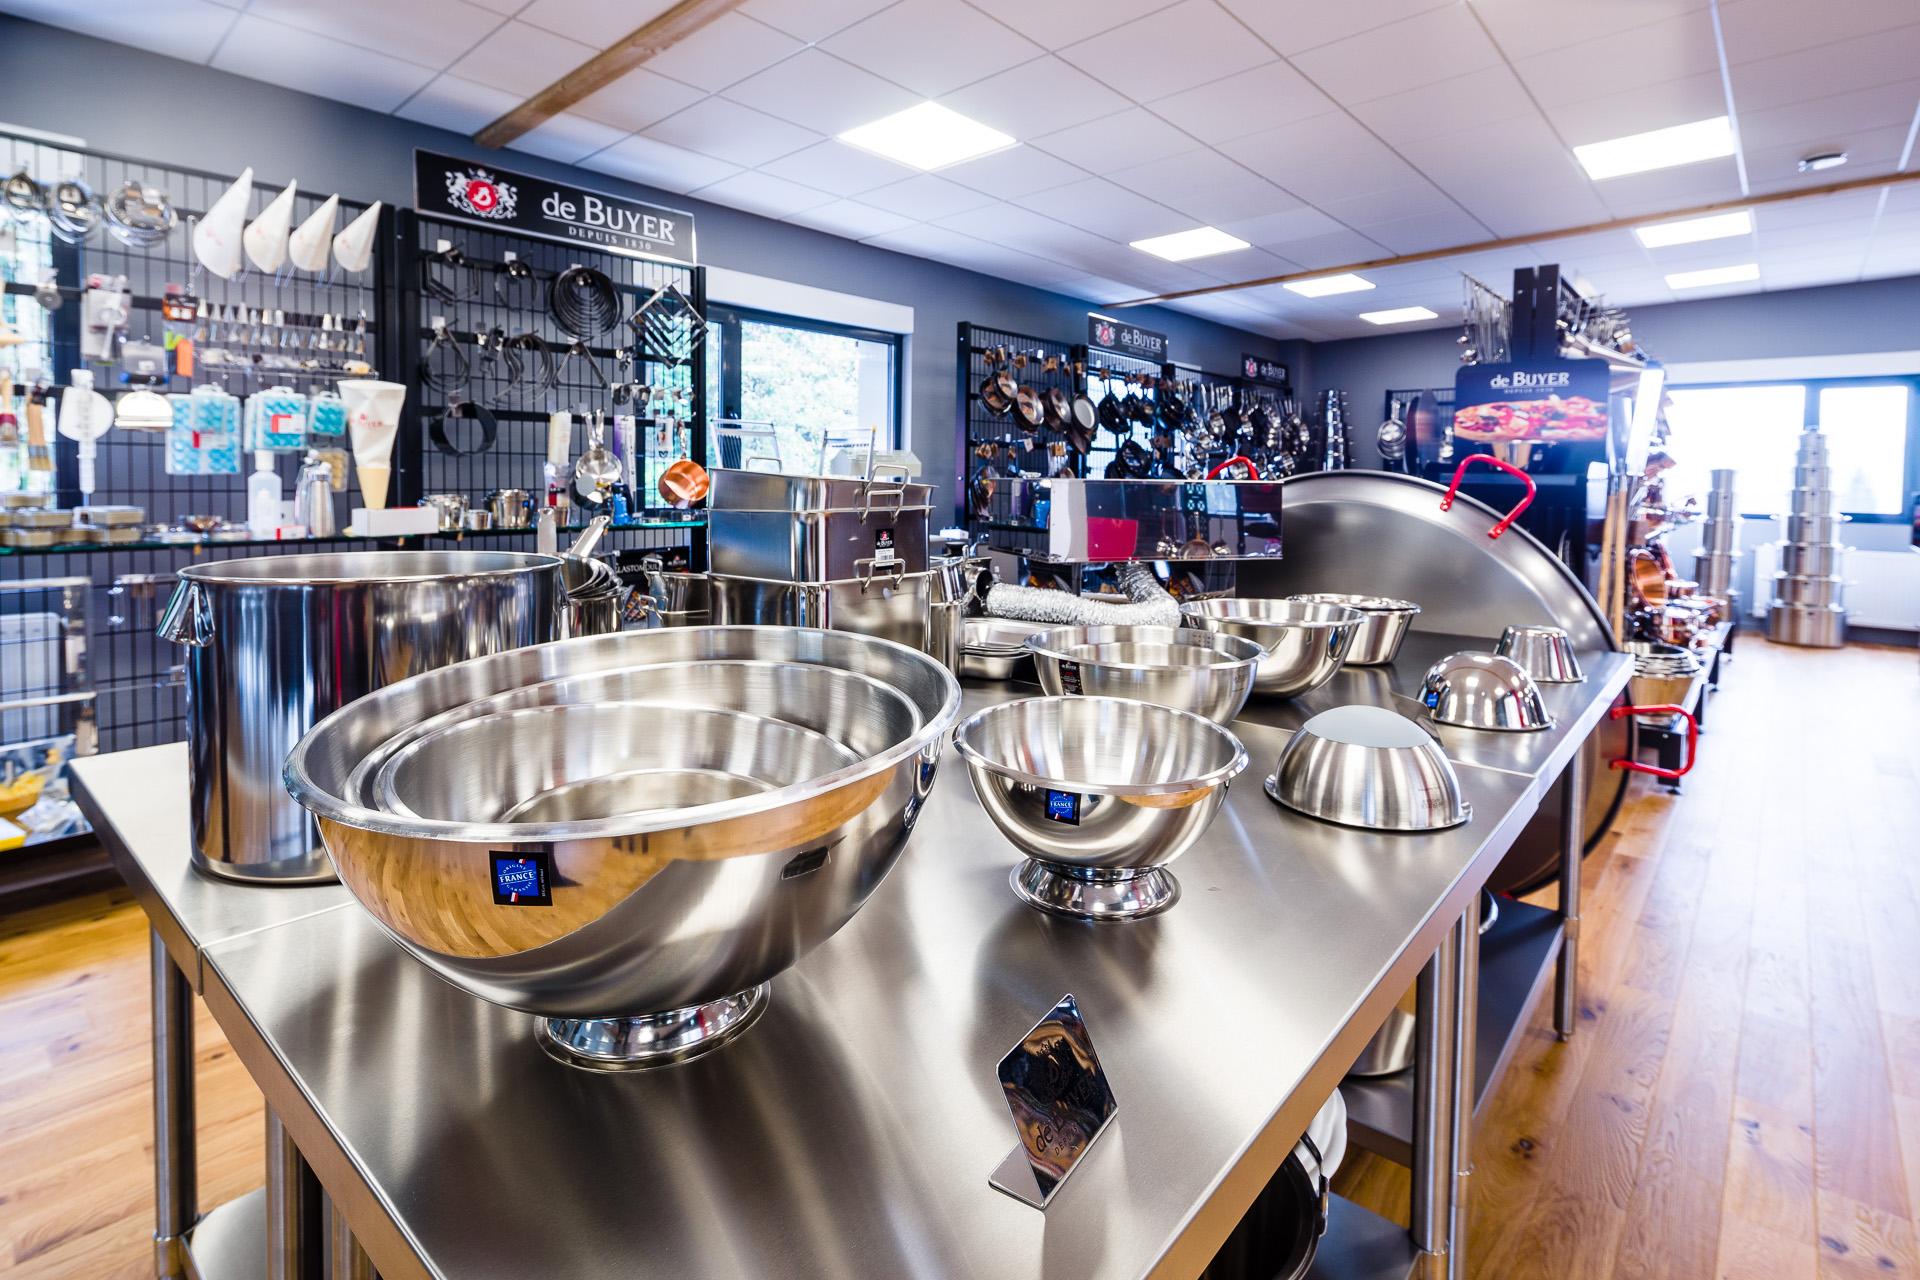 Un Voyage Gourmand Dans Les Vosges Detour Dans La Boutique D